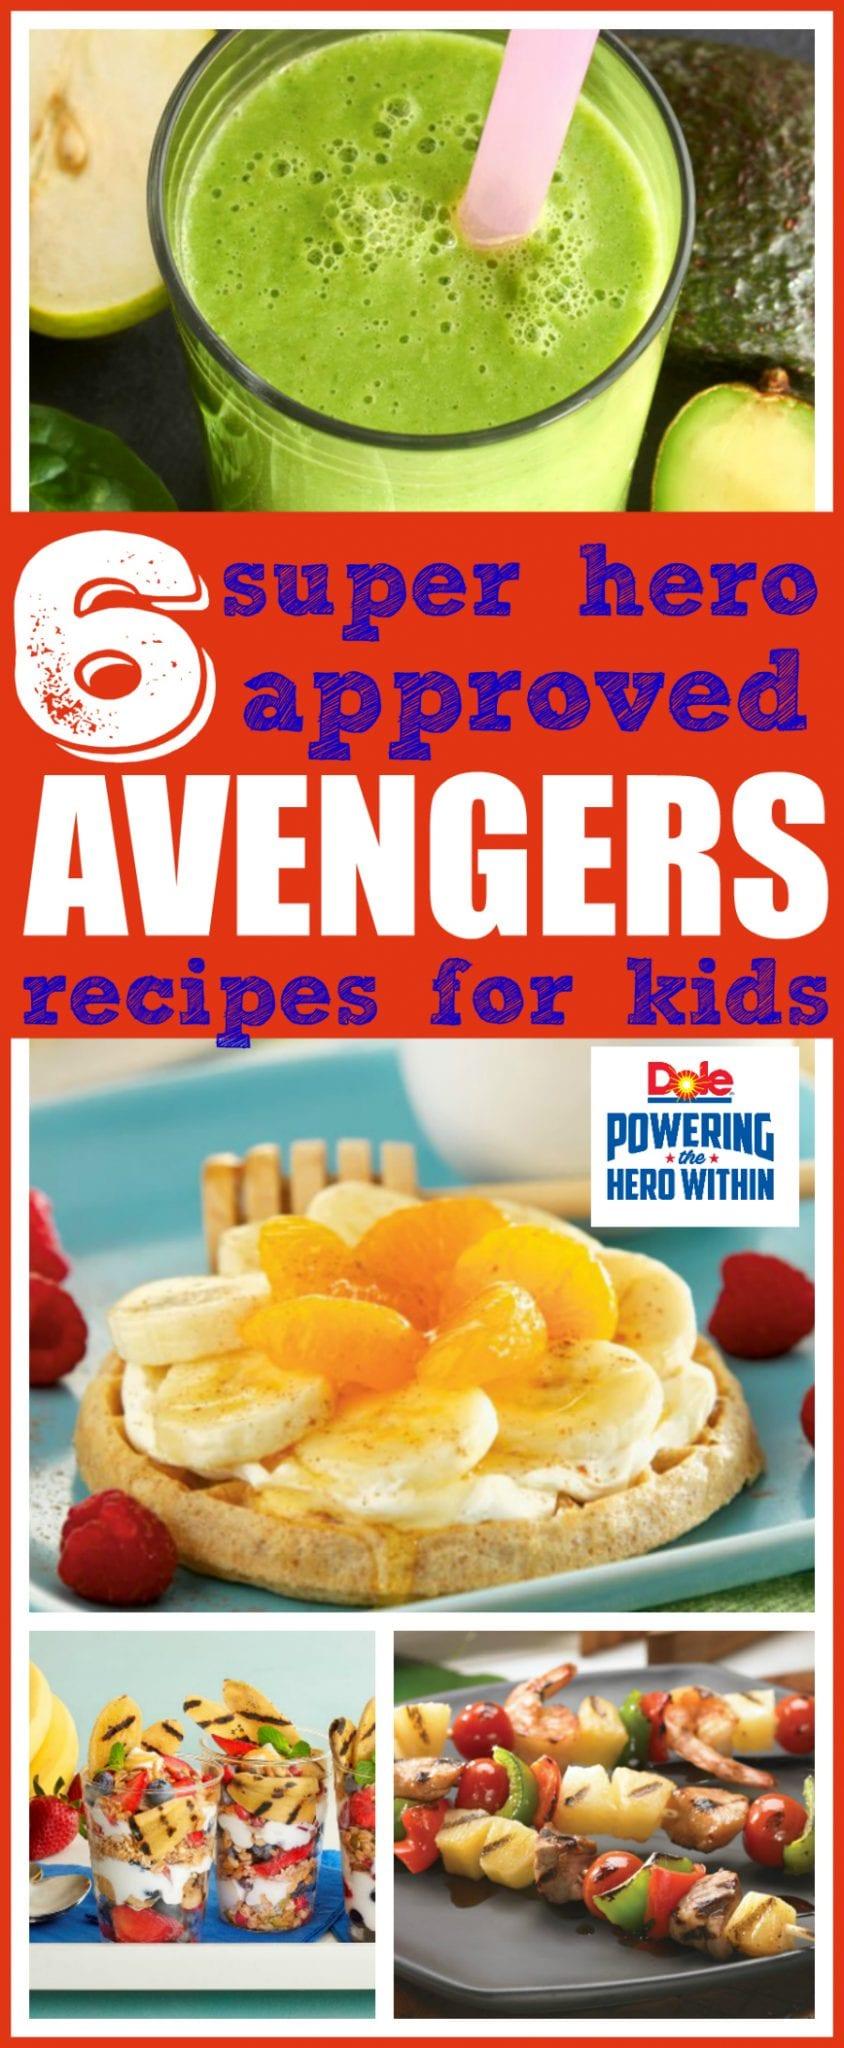 Avengers recipes for kids